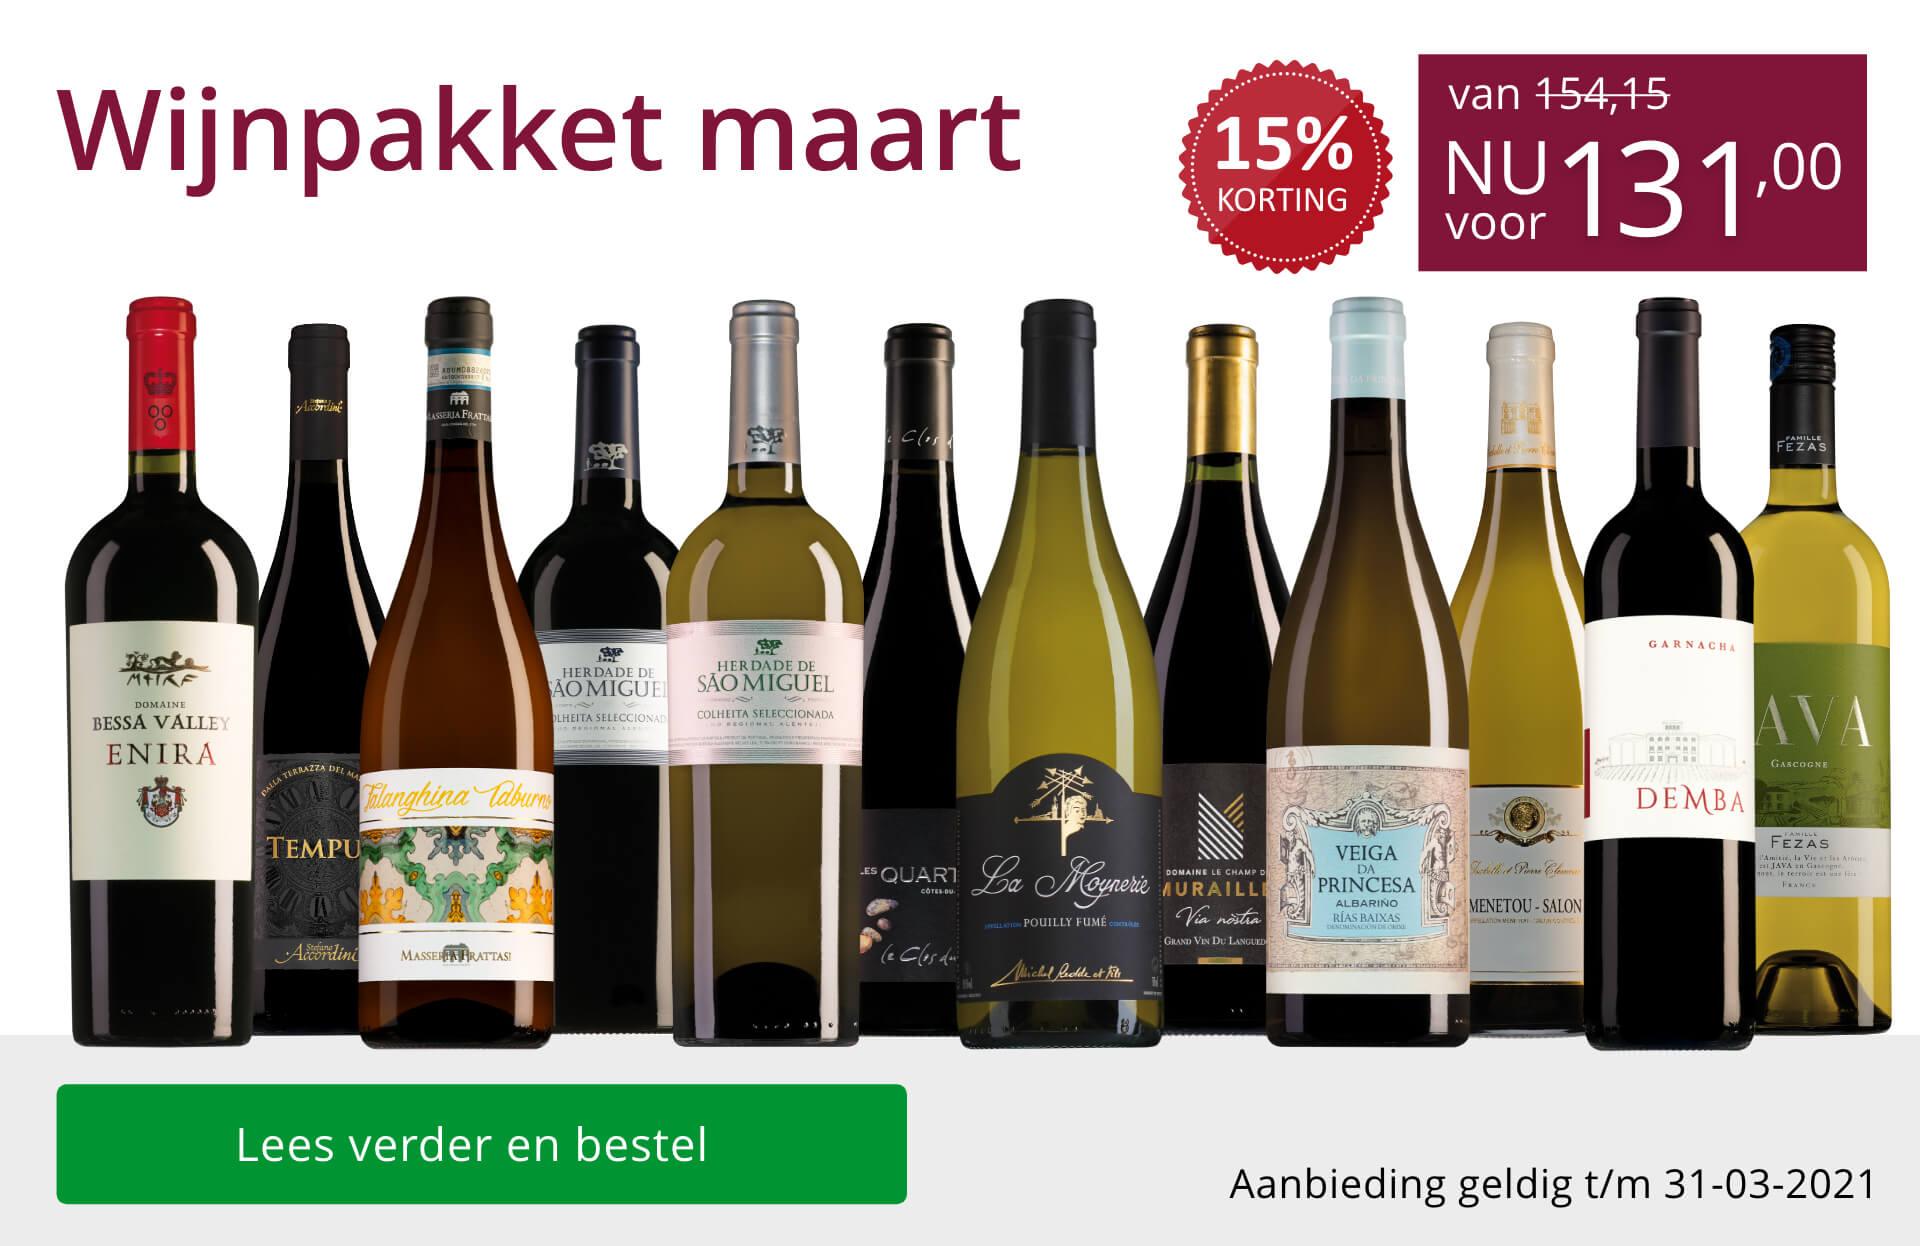 Wijnpakket wijnbericht maart 2021(131,00) - paars